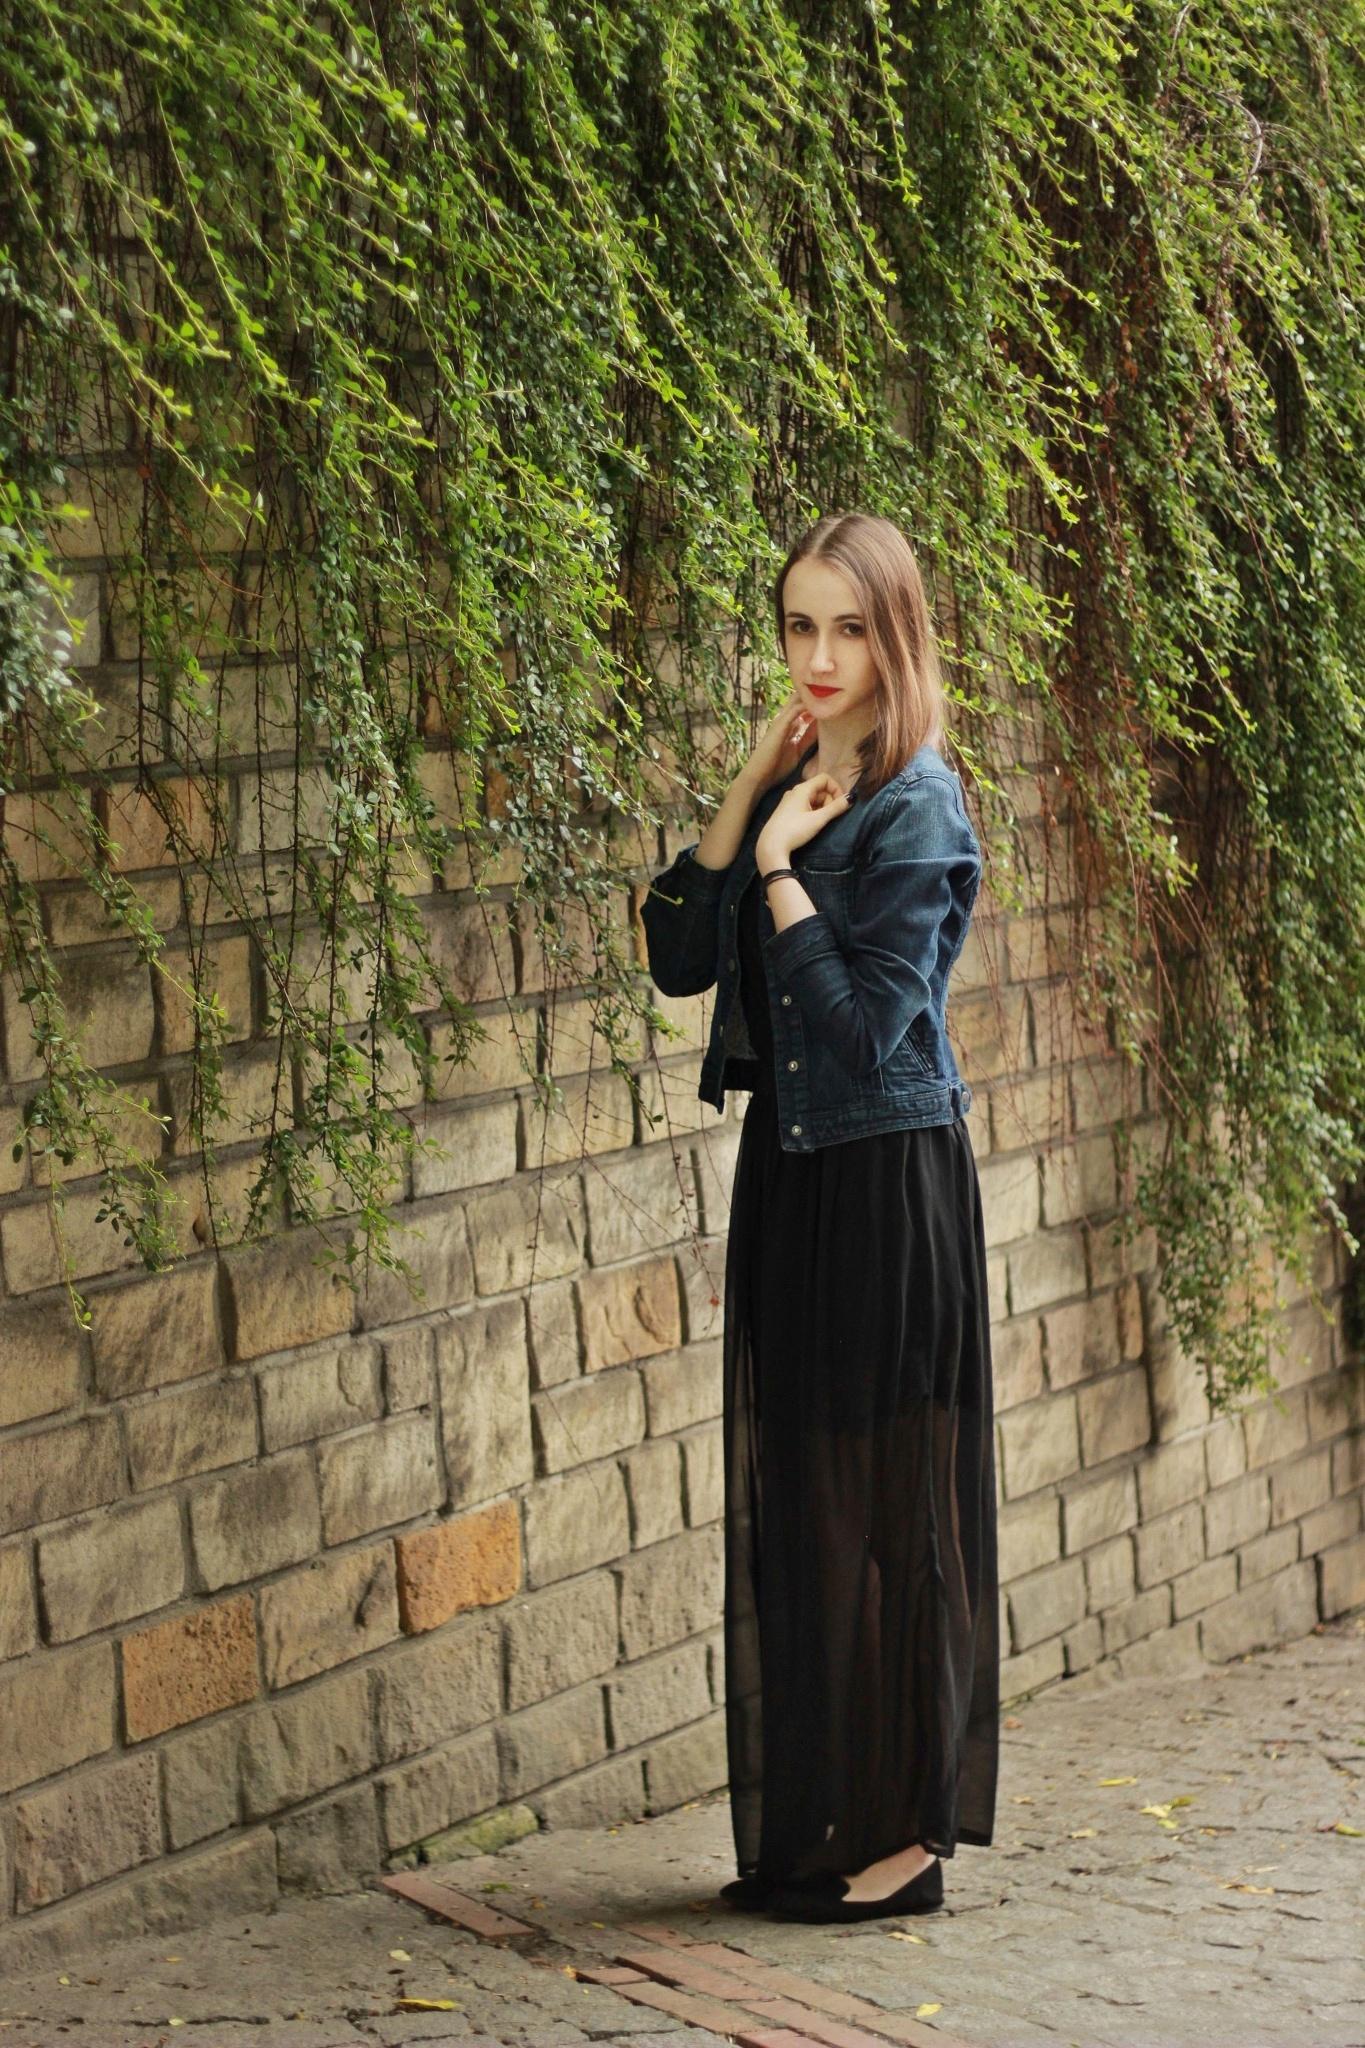 Ivy girl by Aneta Parzoń